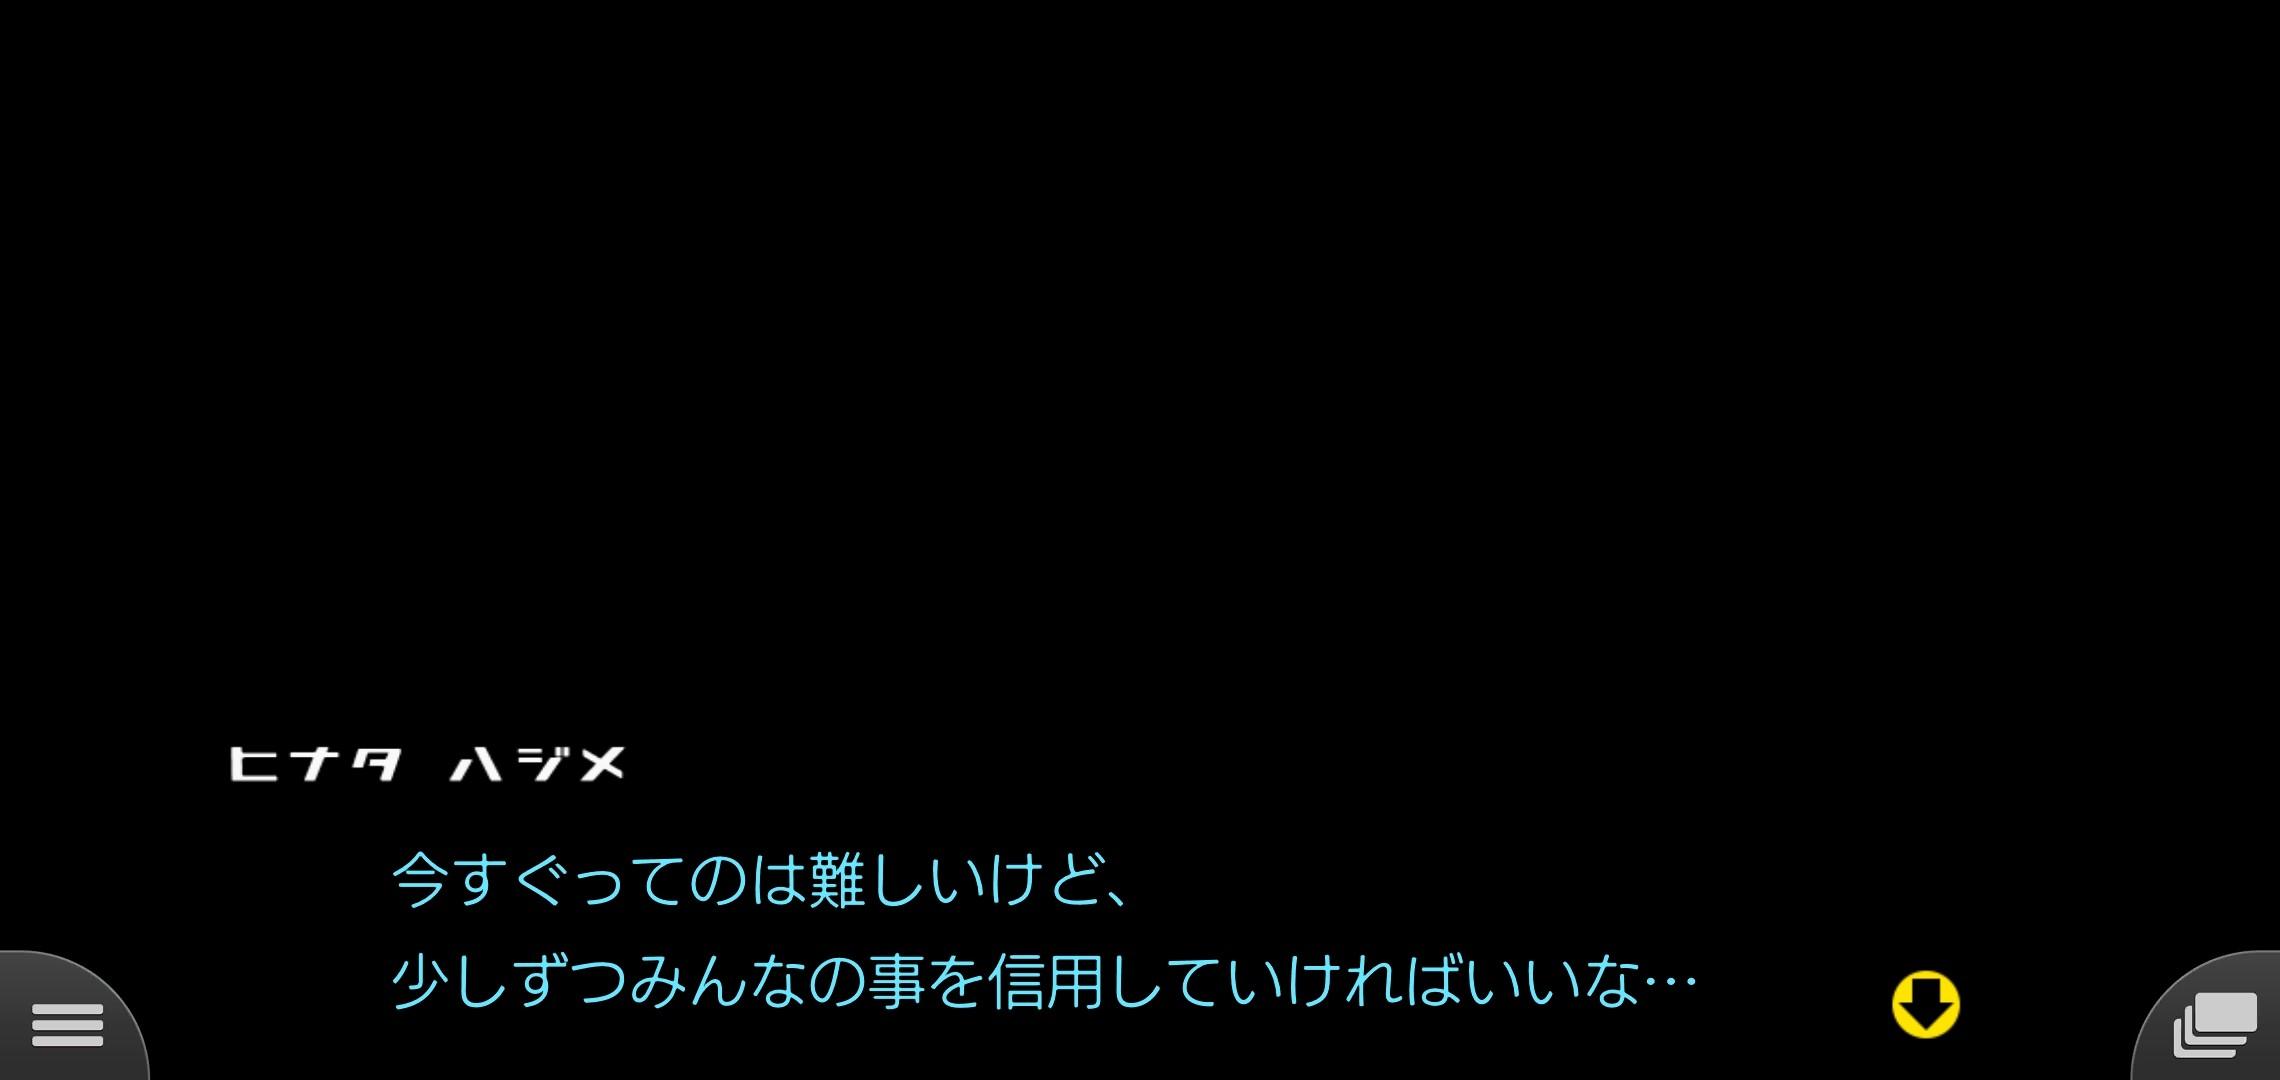 f:id:Rinburu:20201128182716j:plain